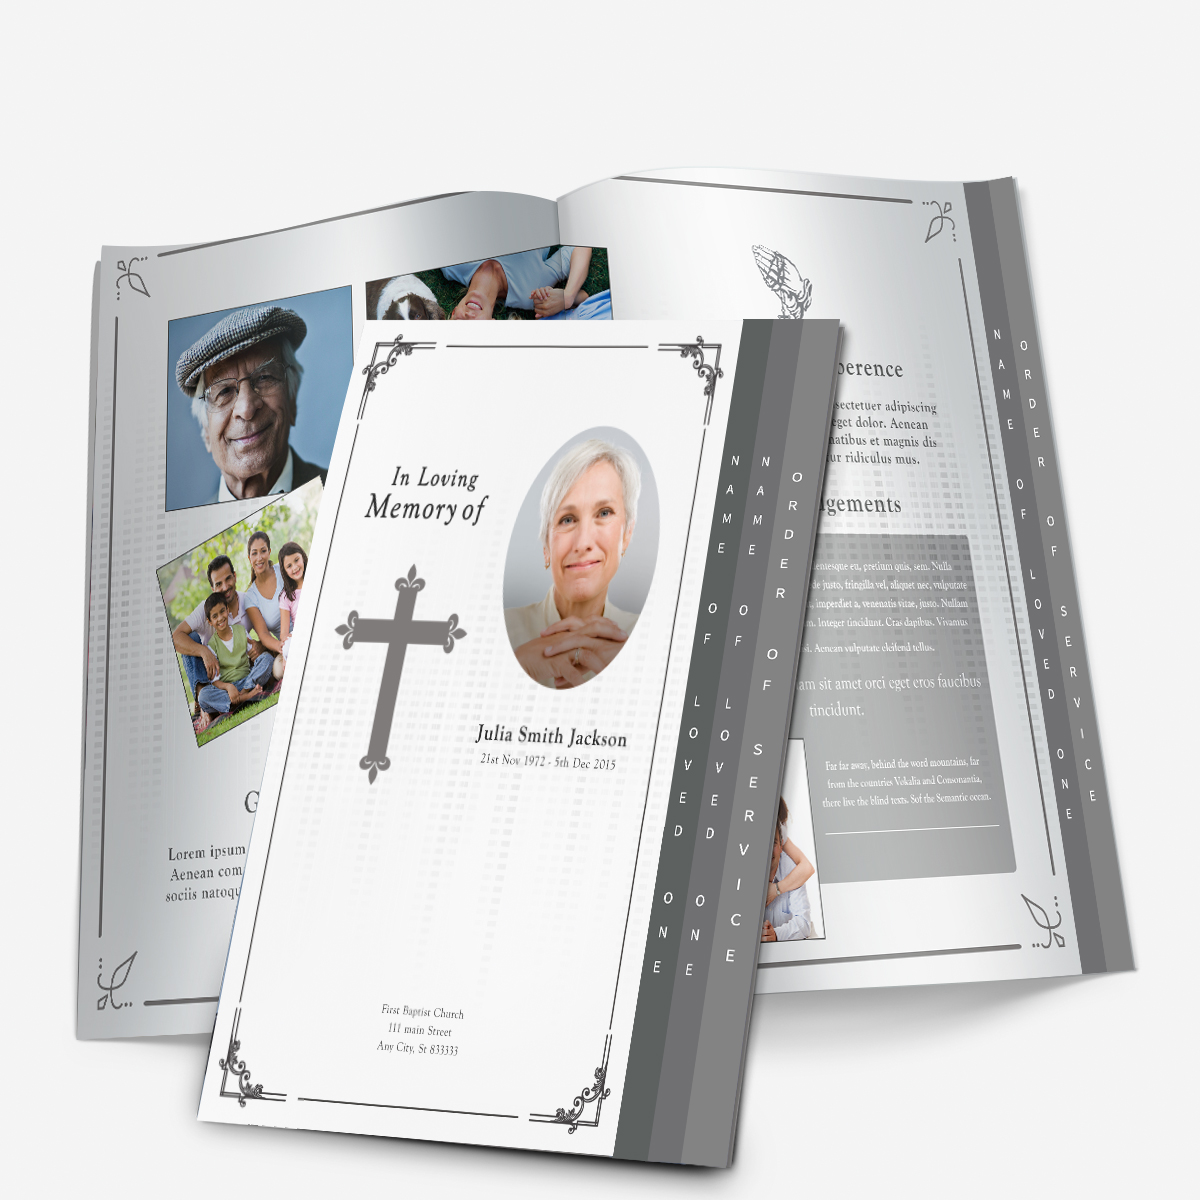 Writing Sample - Memorial Tribute